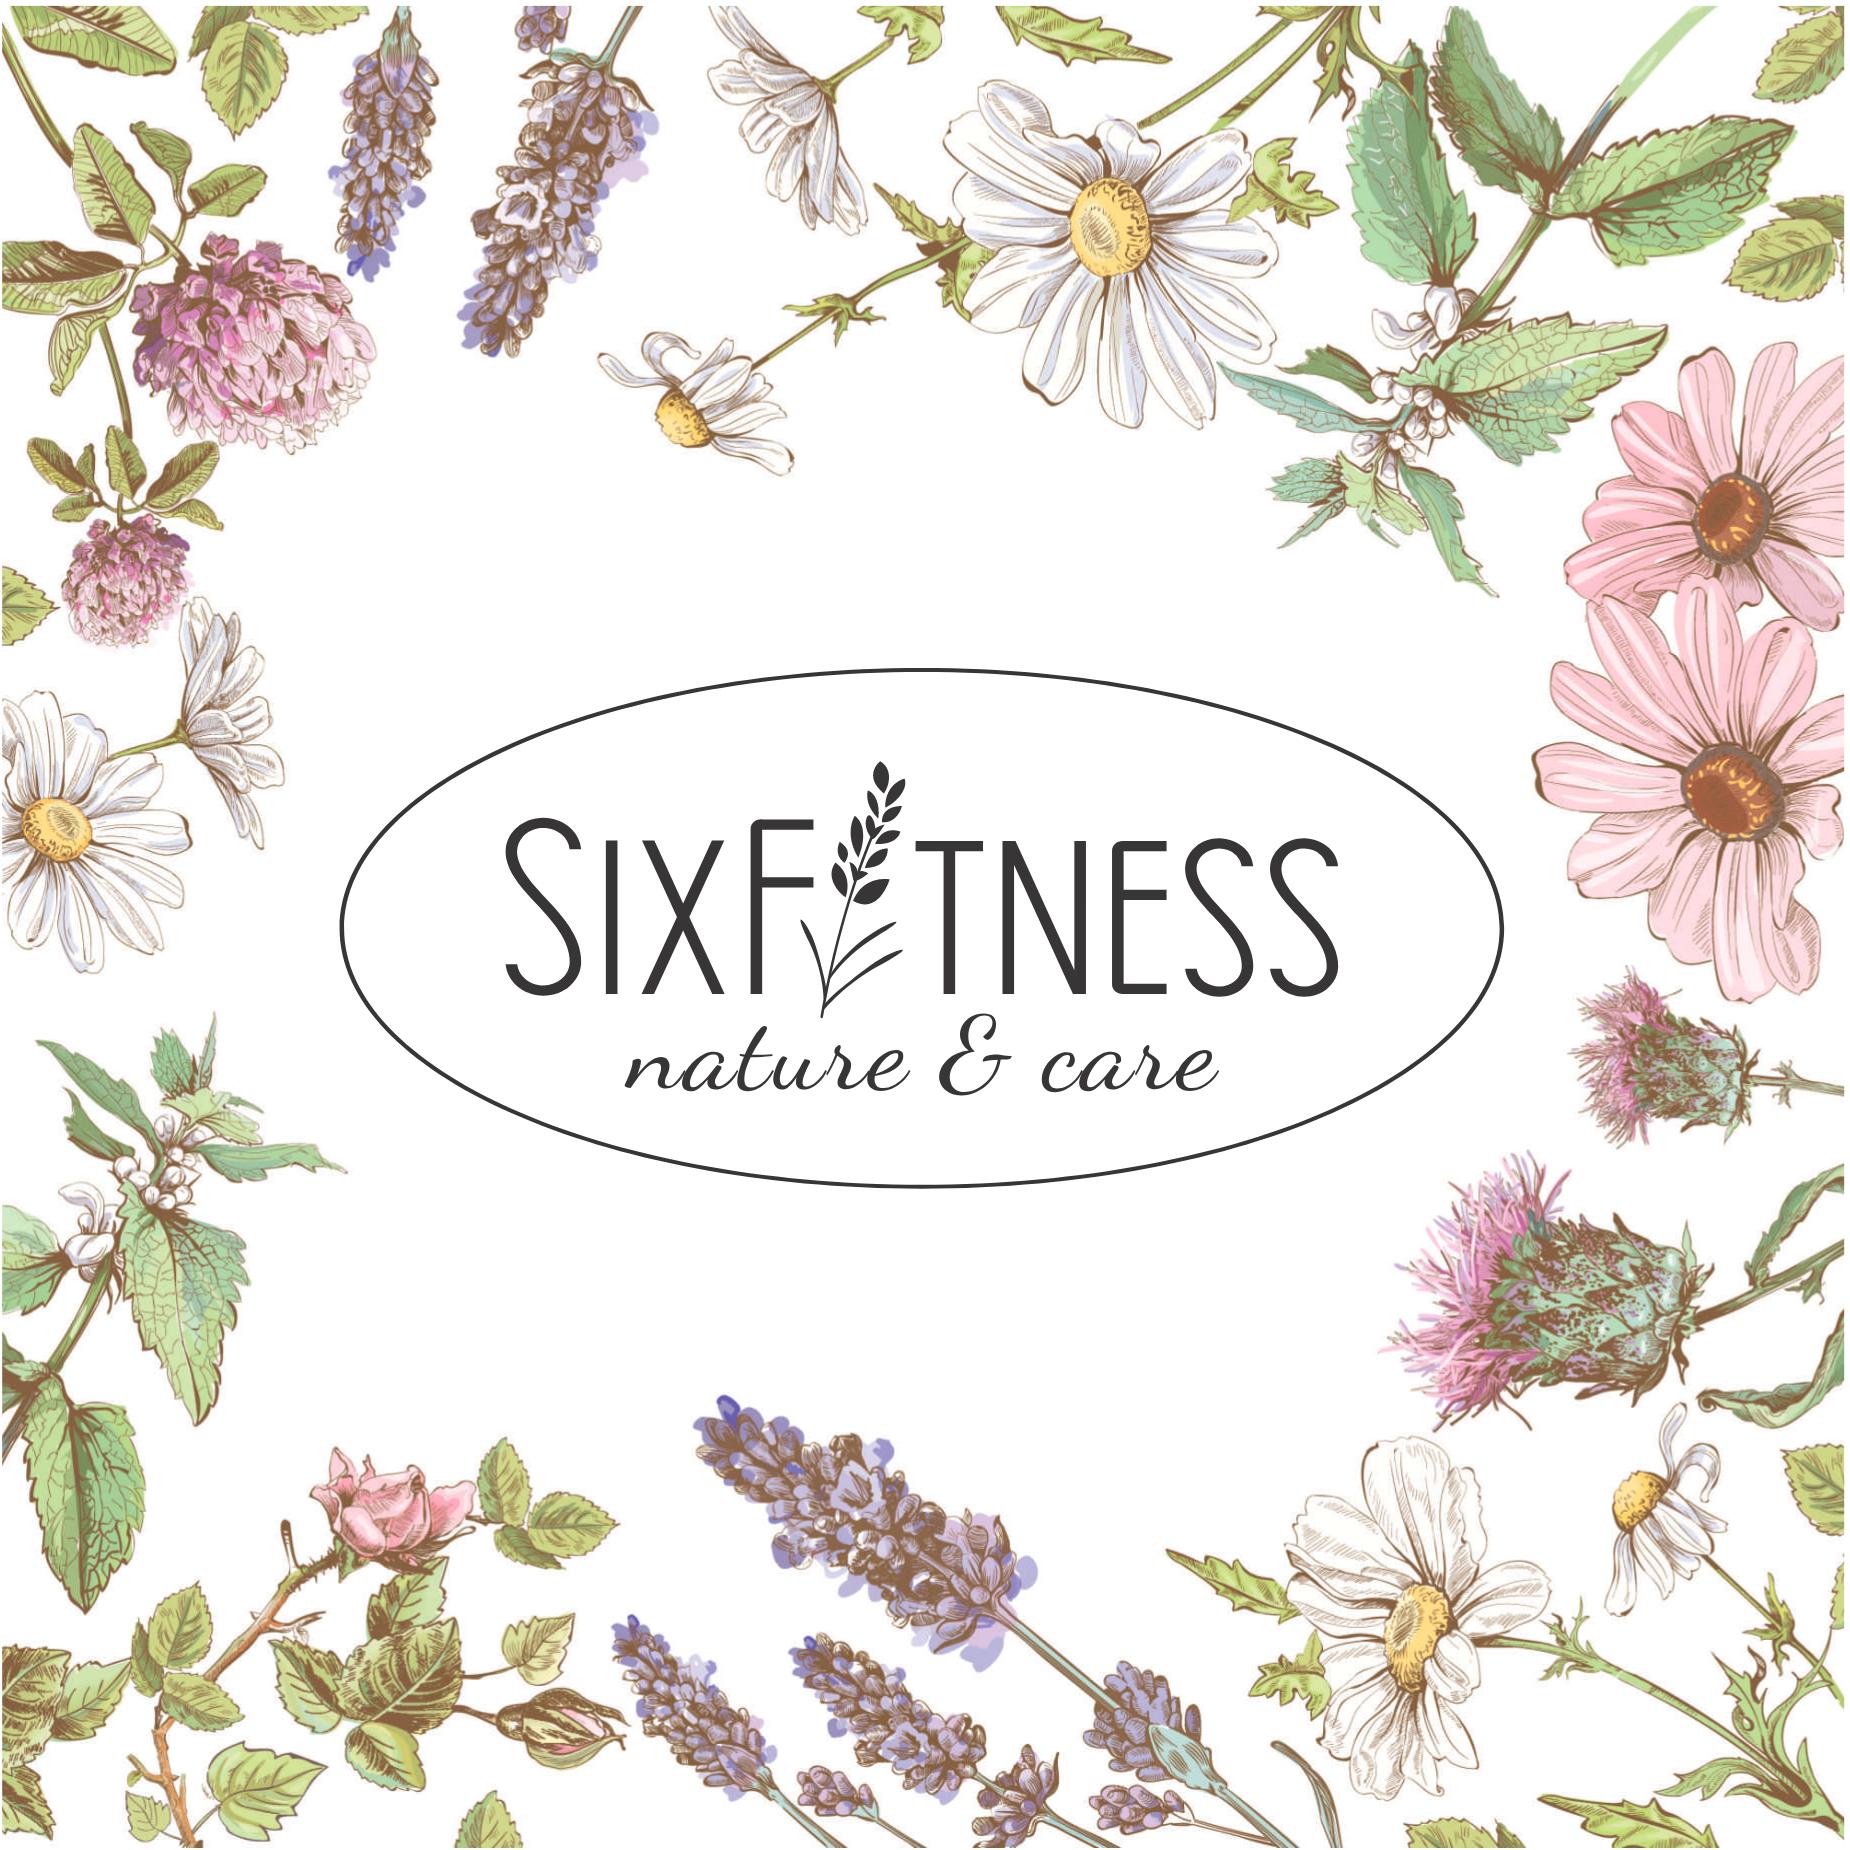 Zrodila se přírodní kosmetika SixFitness nature & care!